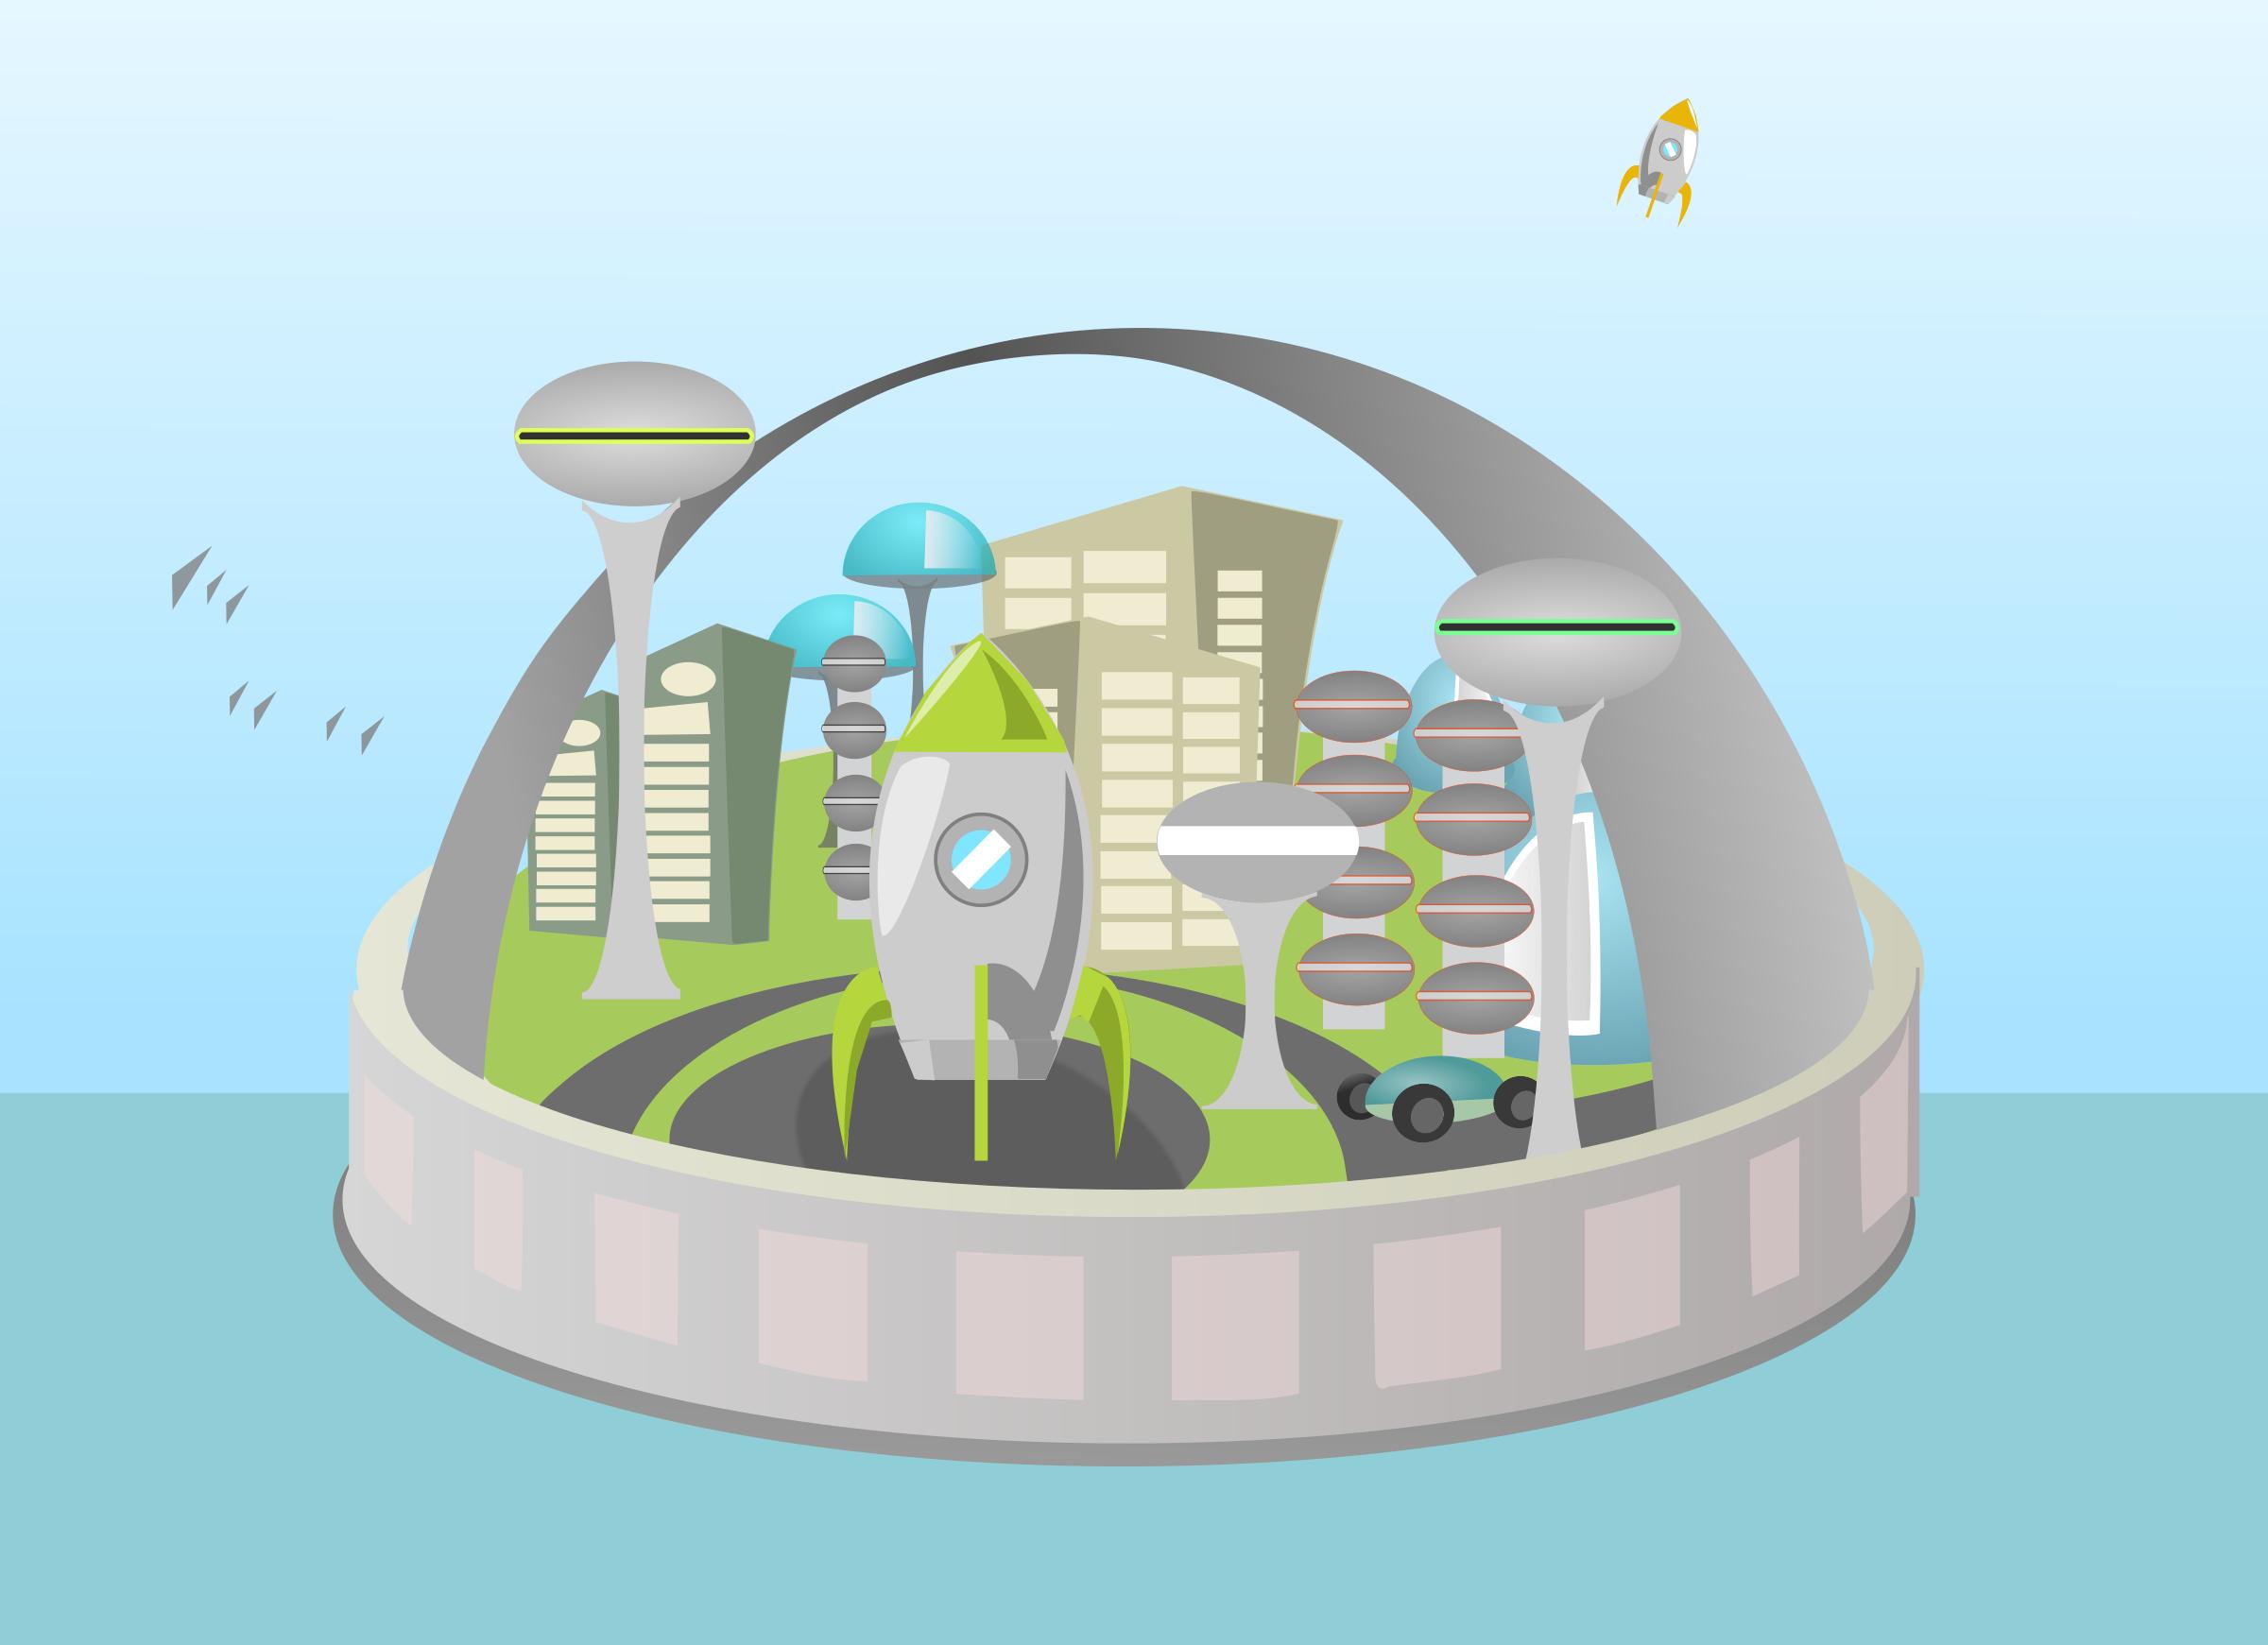 Futuristic clipart Clipart city island Futuristic city